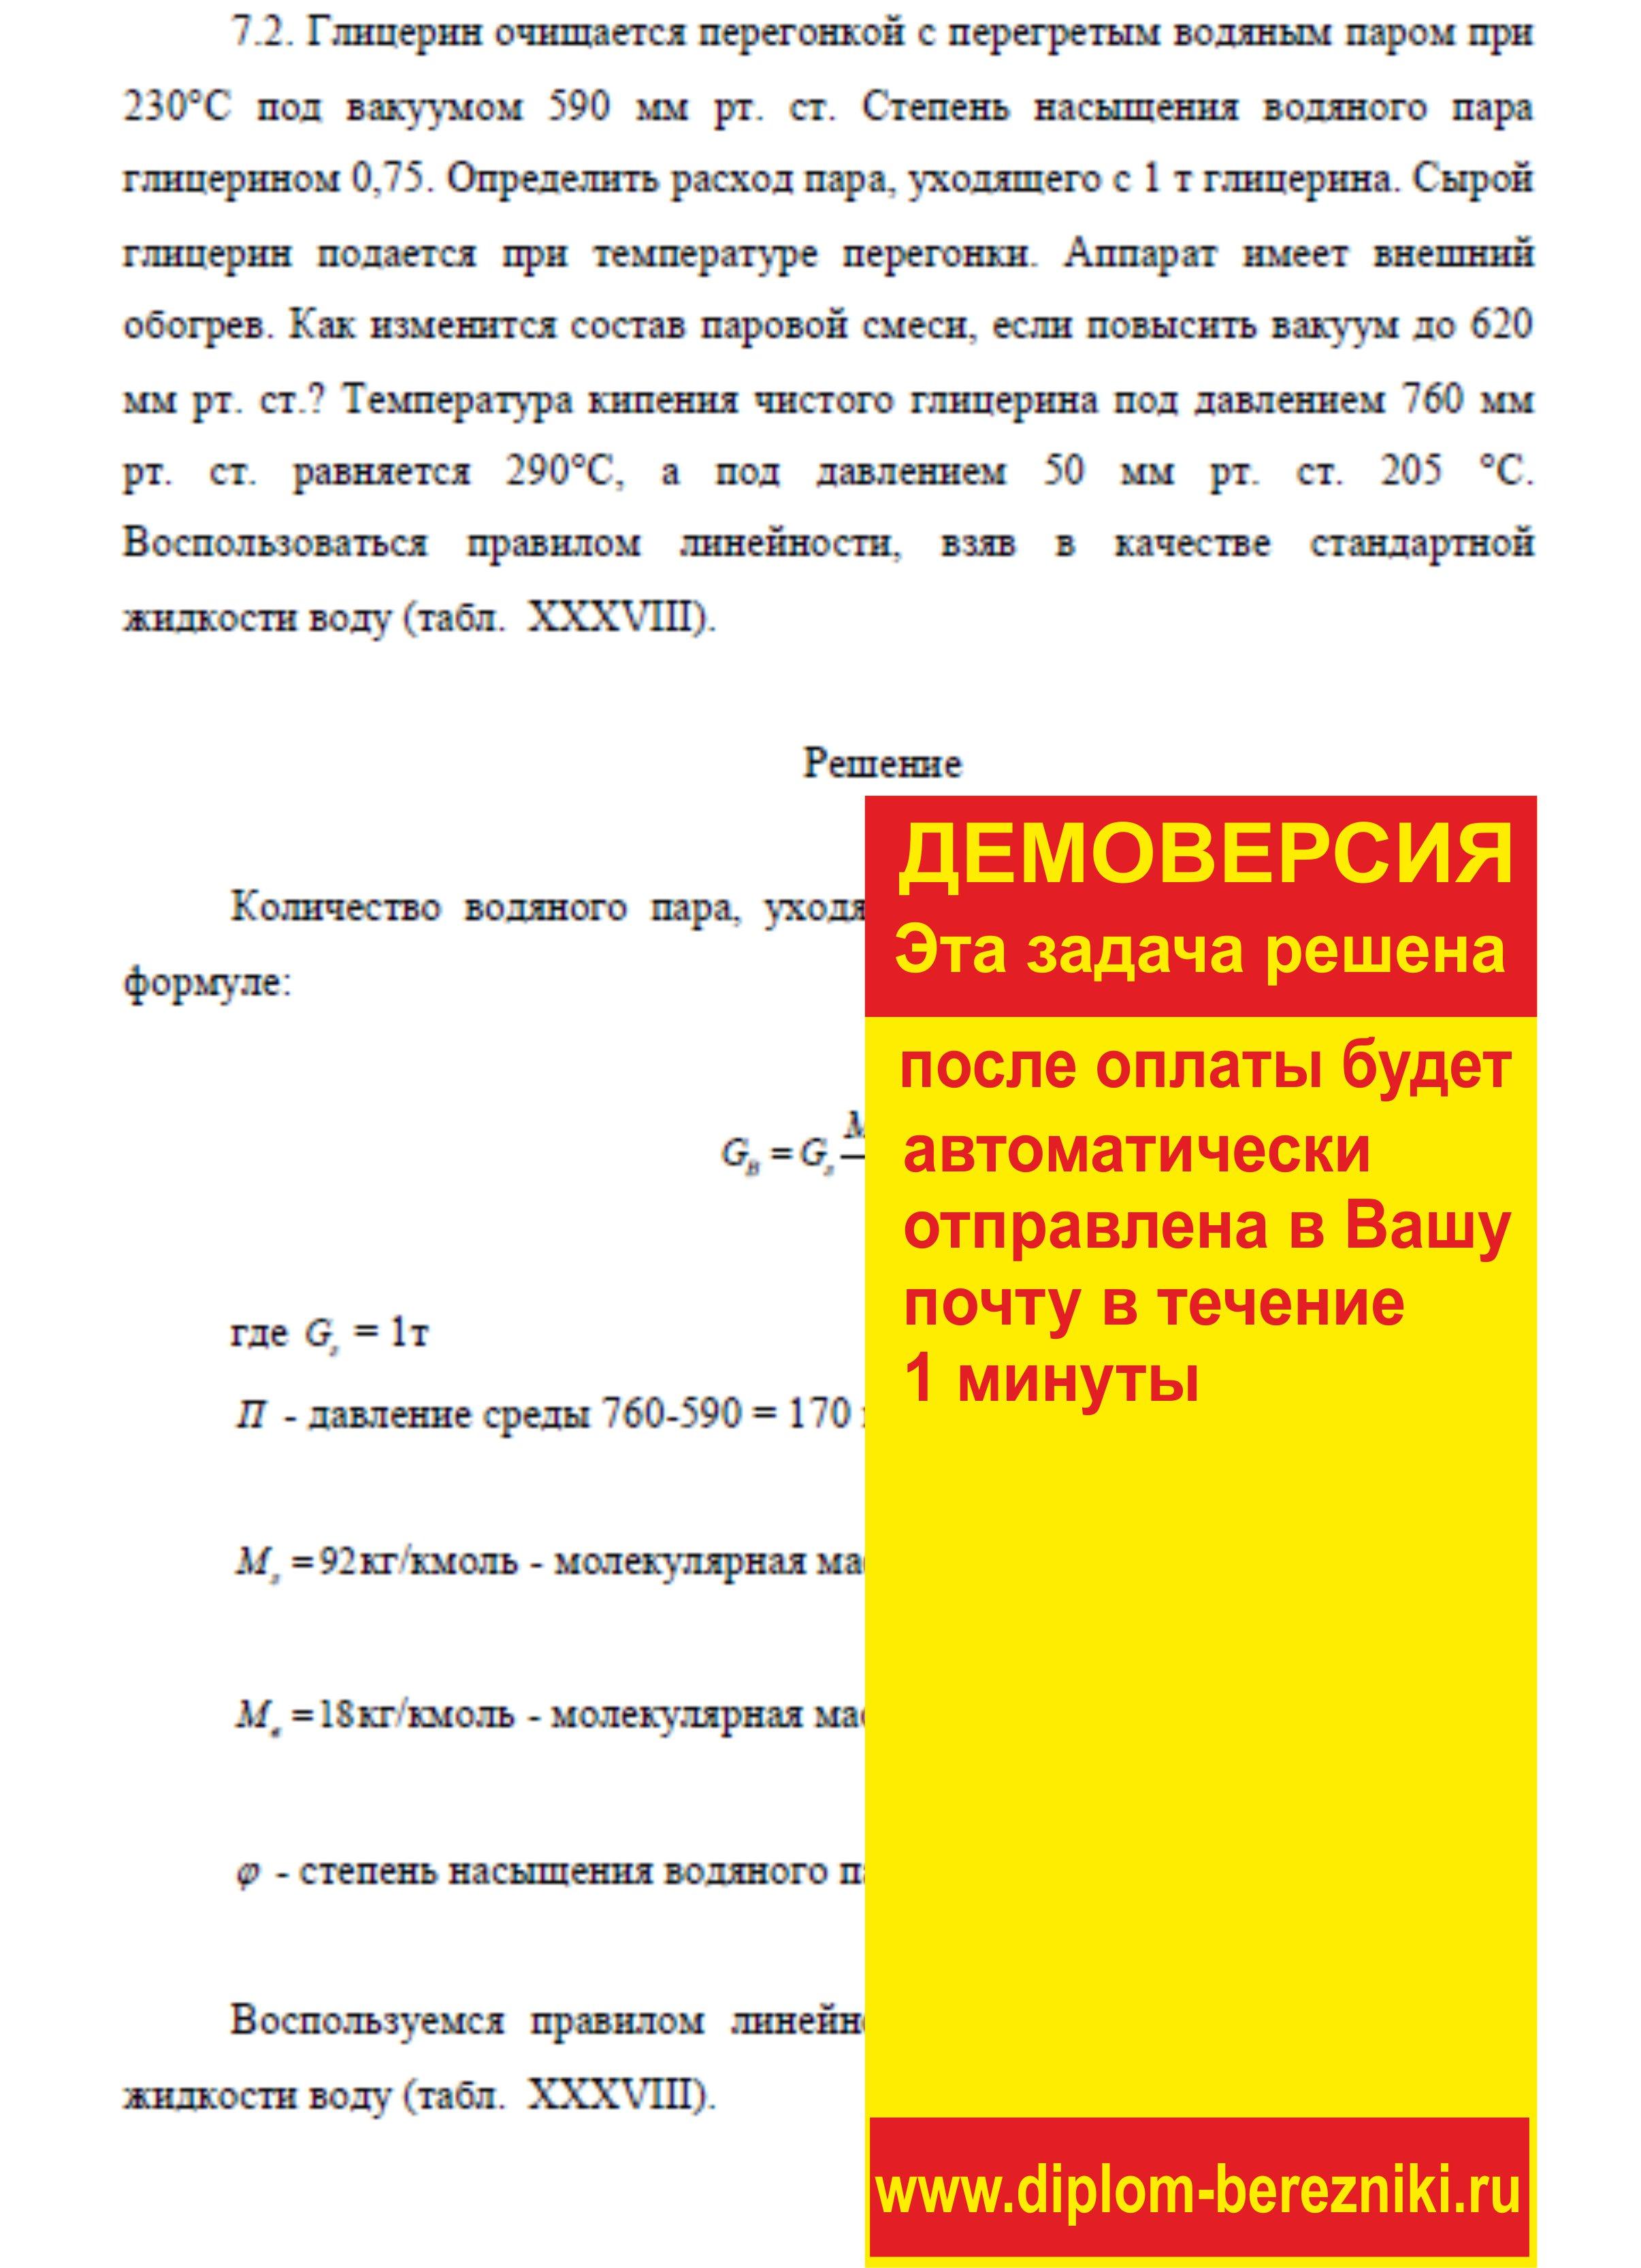 Решение задачи 7.2 по ПАХТ из задачника Павлова Романкова Носкова